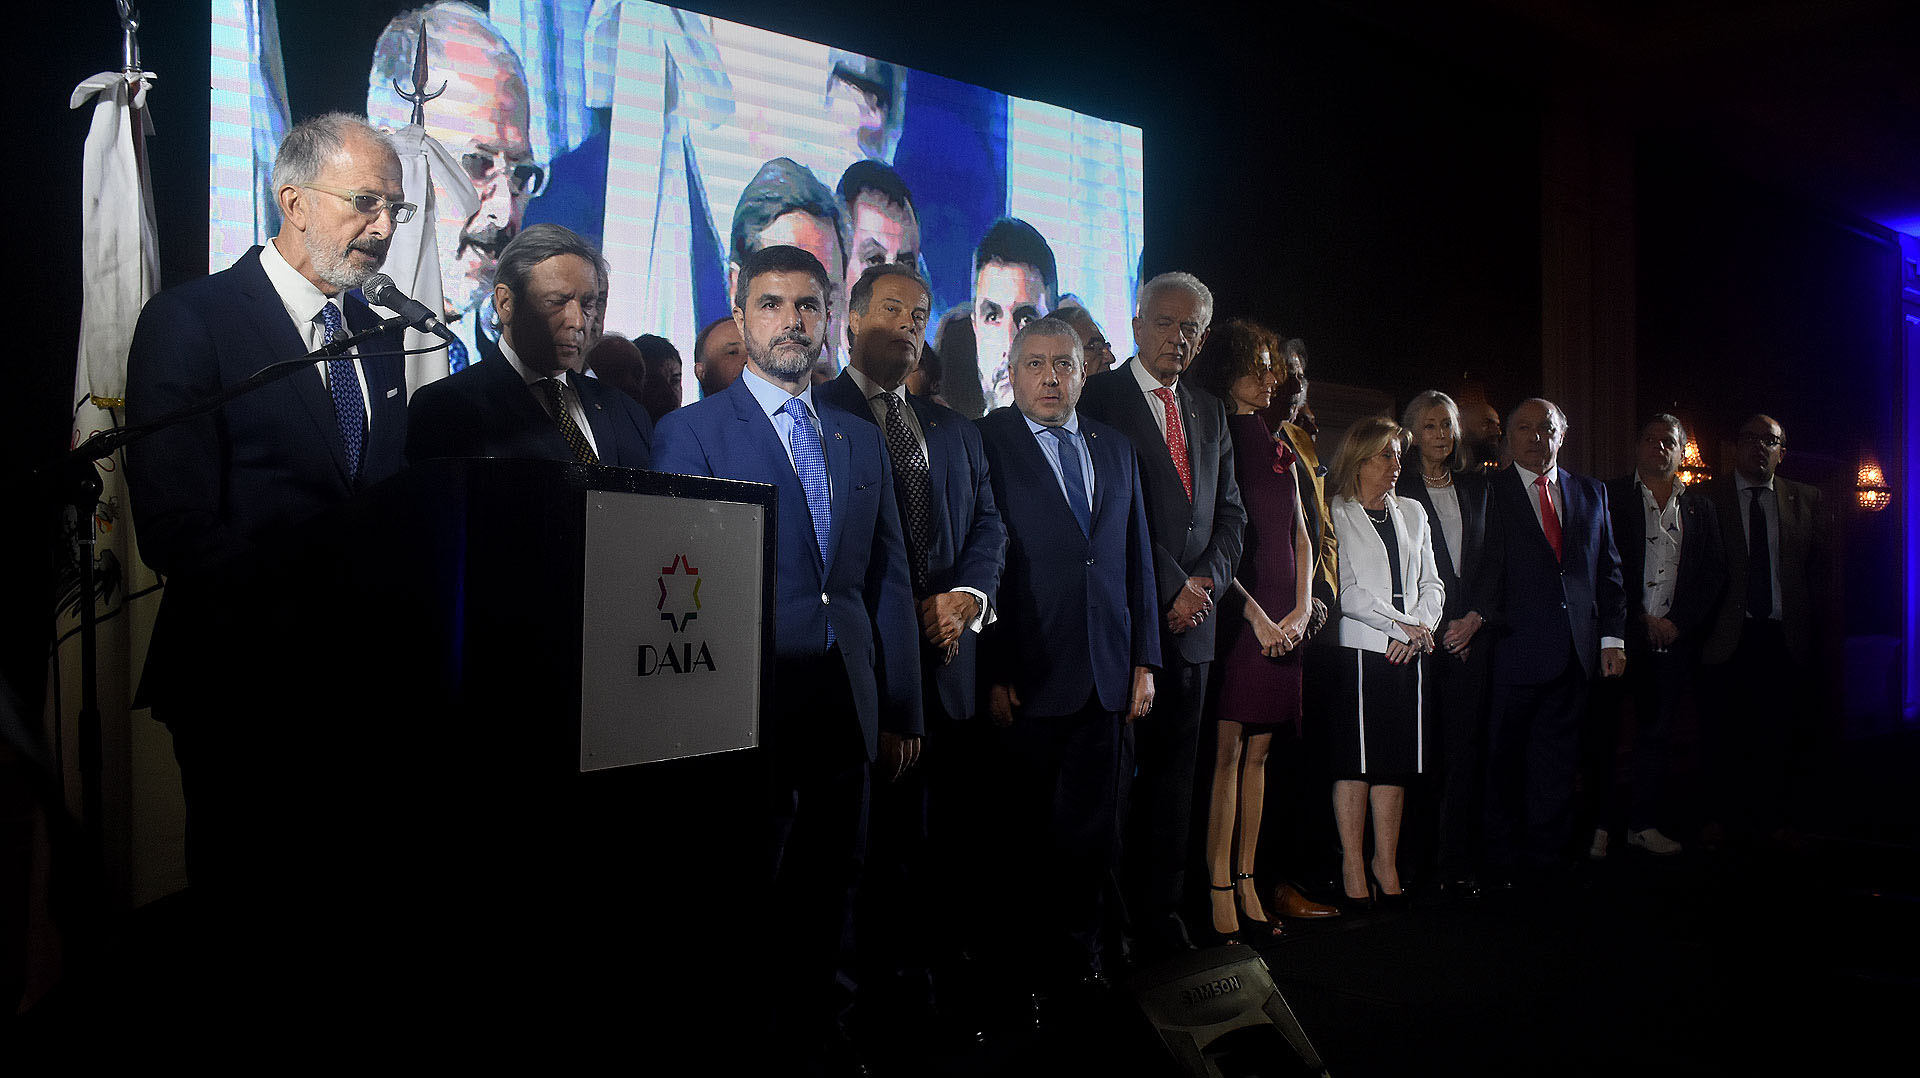 La asunción de las autoridades del consejo directivo 2018-2021, encabezado por el nuevo presidente de la DAIA, Jorge Knoblovits